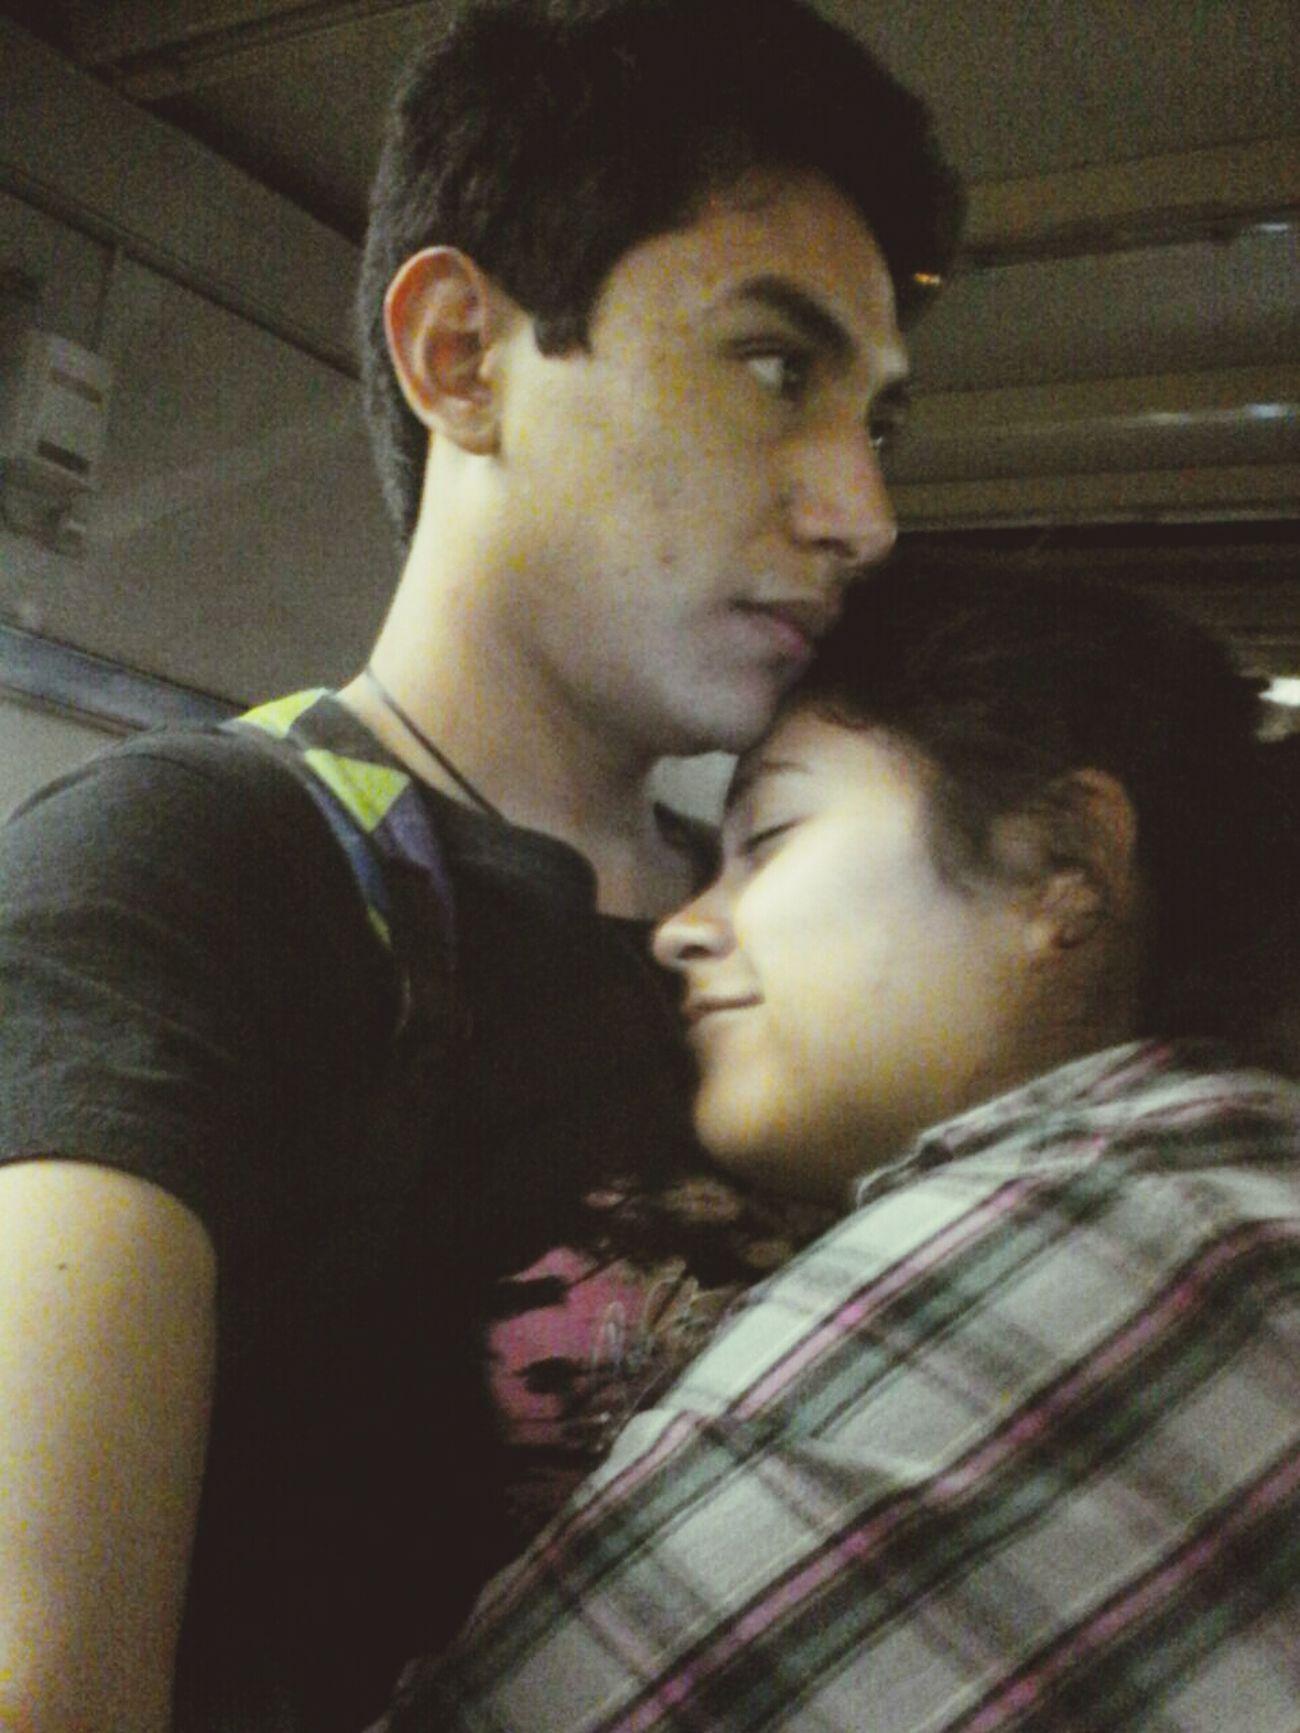 Amor es, estar todos fachosos y aun así tomarsw fotos para recordar como soliamos ser en un par de años. ❤